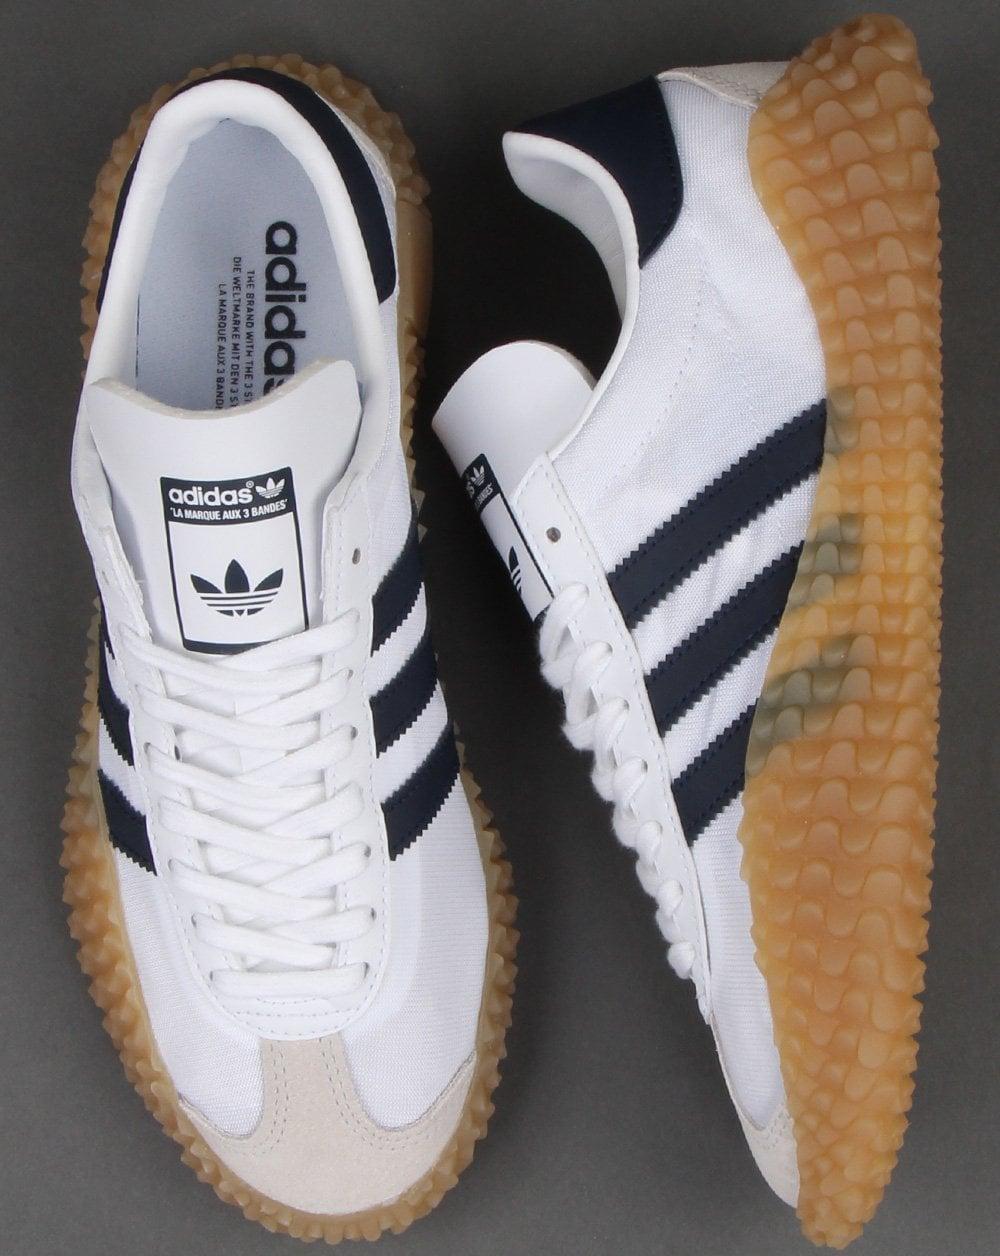 reputación primero amplia selección de colores y diseños Precio 50% Adidas Country X Kamanda Trainers White/Navy - Shop Adidas At 80sCC